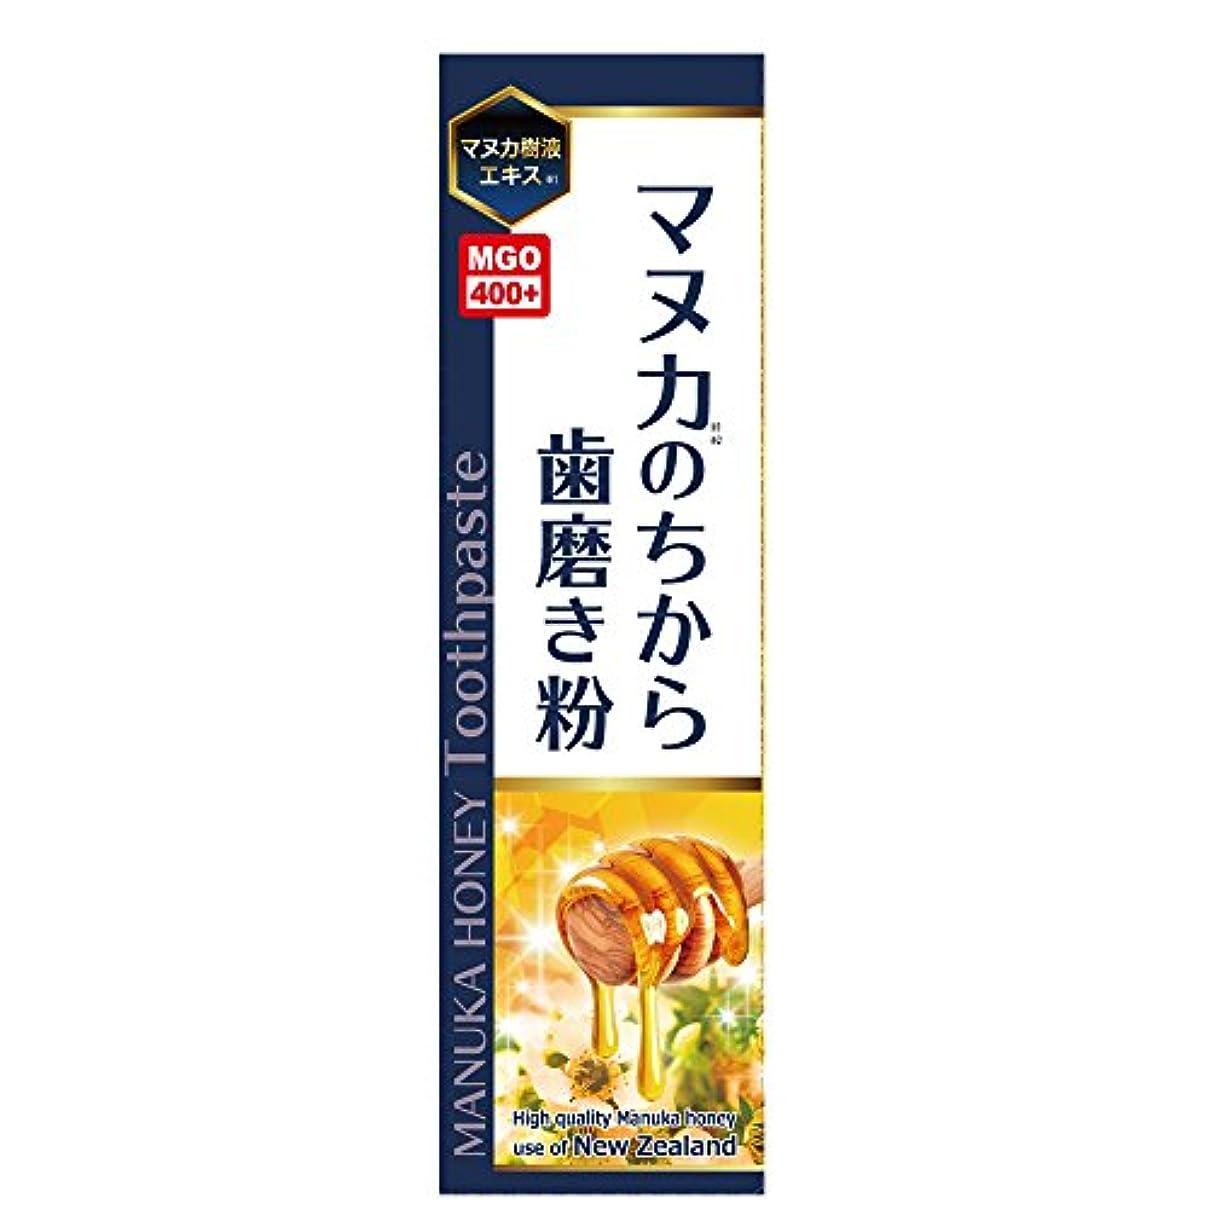 コンテンツ猫背麦芽マヌカのちから歯磨き粉 ハチミツレモン味 100g